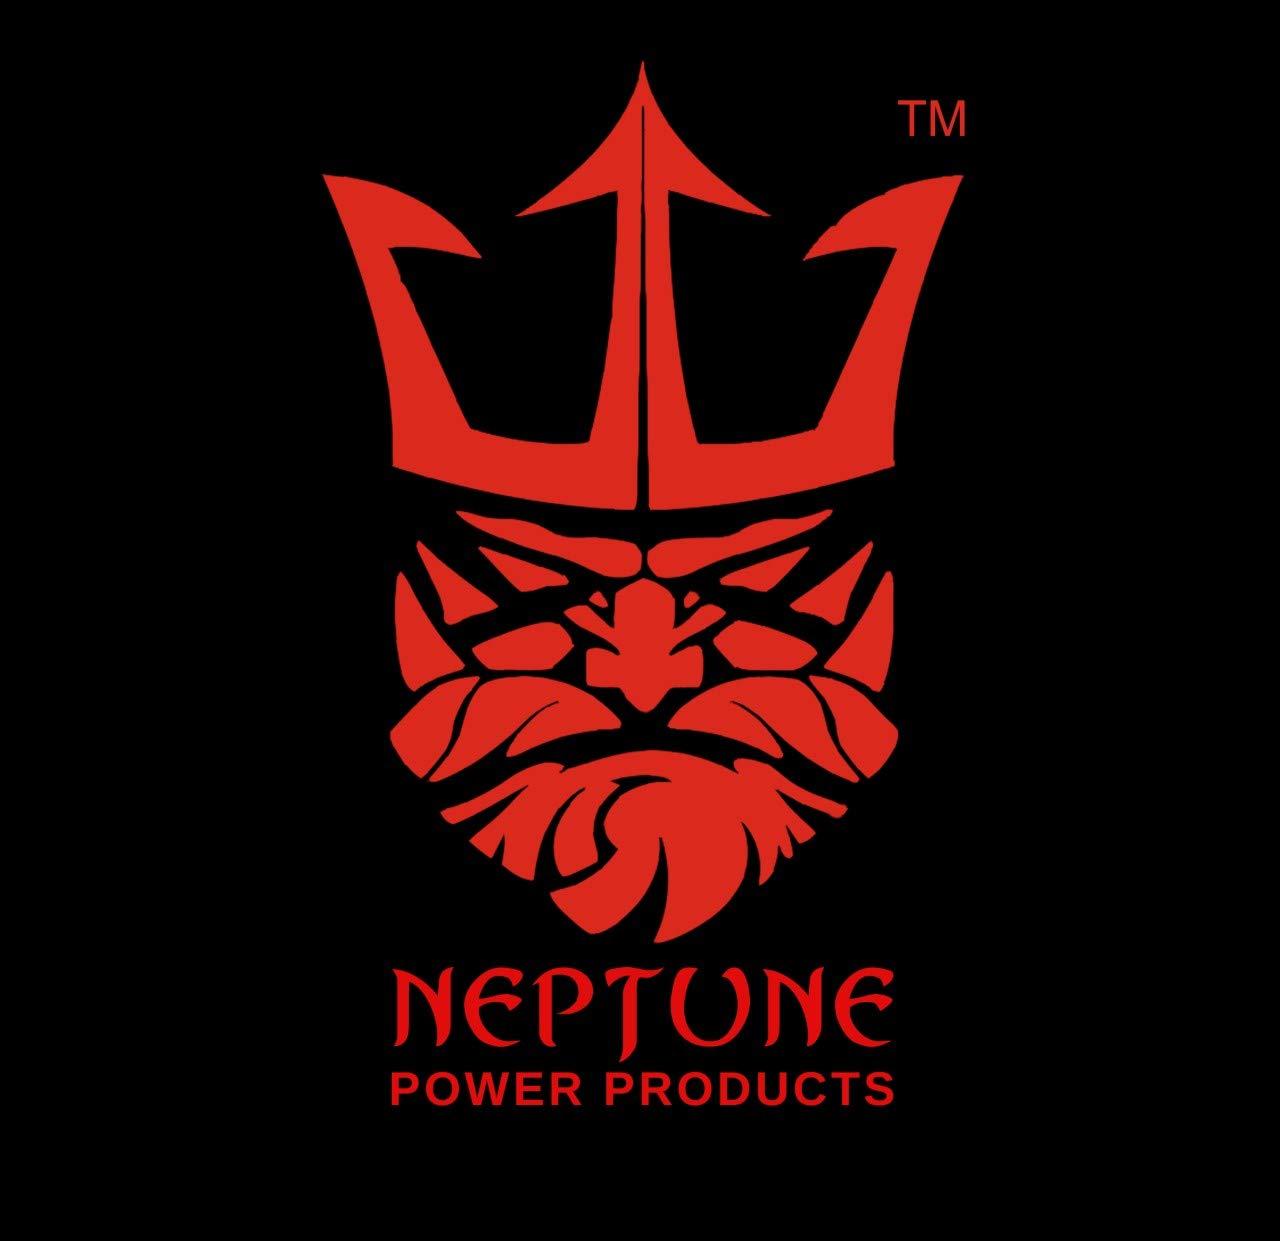 106-8397 Batería de repuesto para cortacésped Toro, Neptune ...